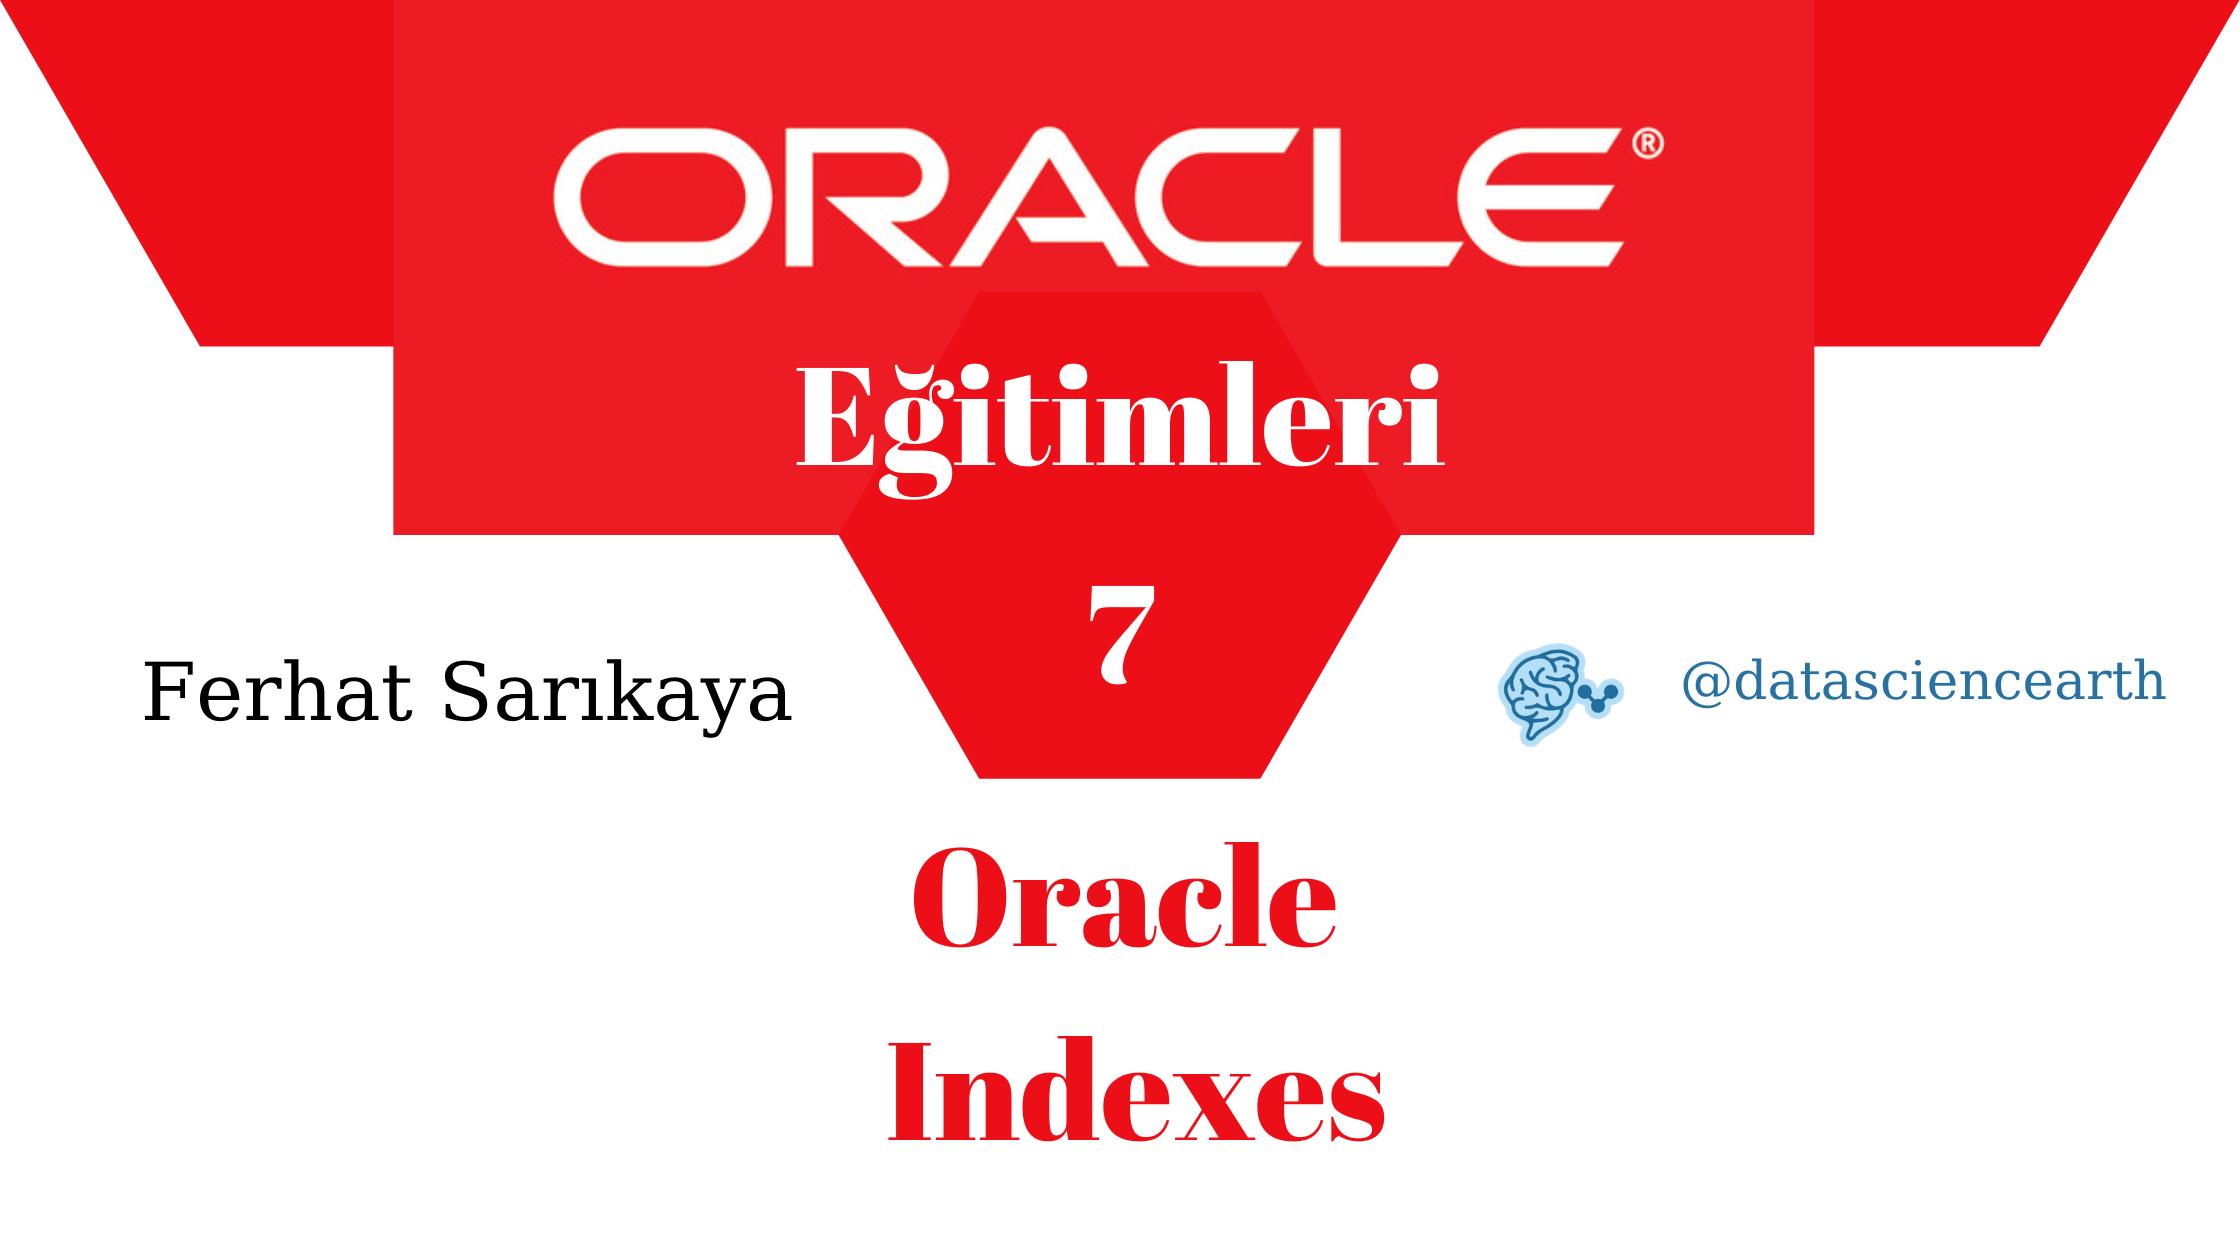 Oracle Eğitimleri - Oracle indeksleri